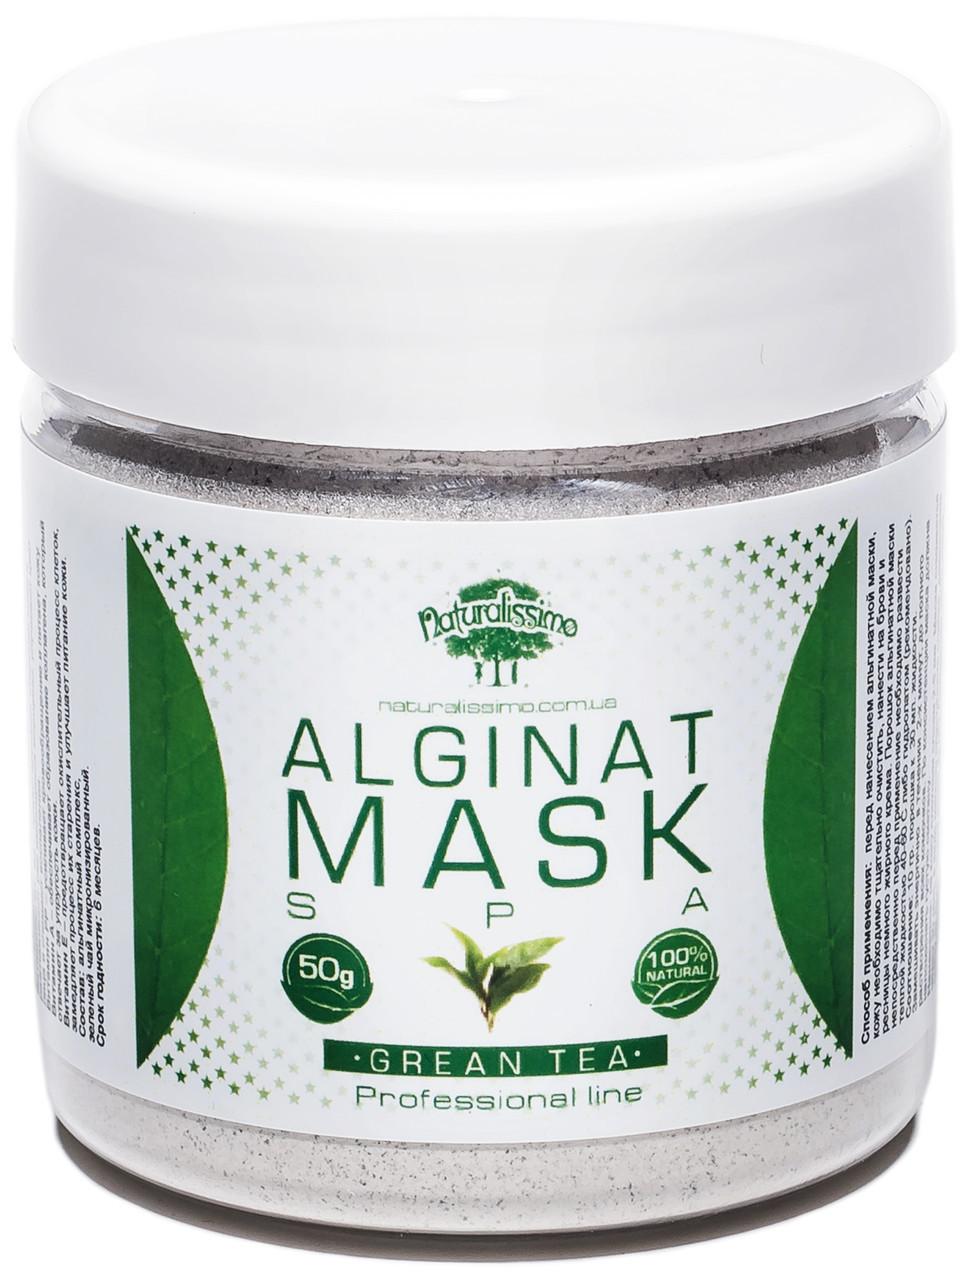 Альгинатная маска Naturalissimo с зеленым чаем 50г